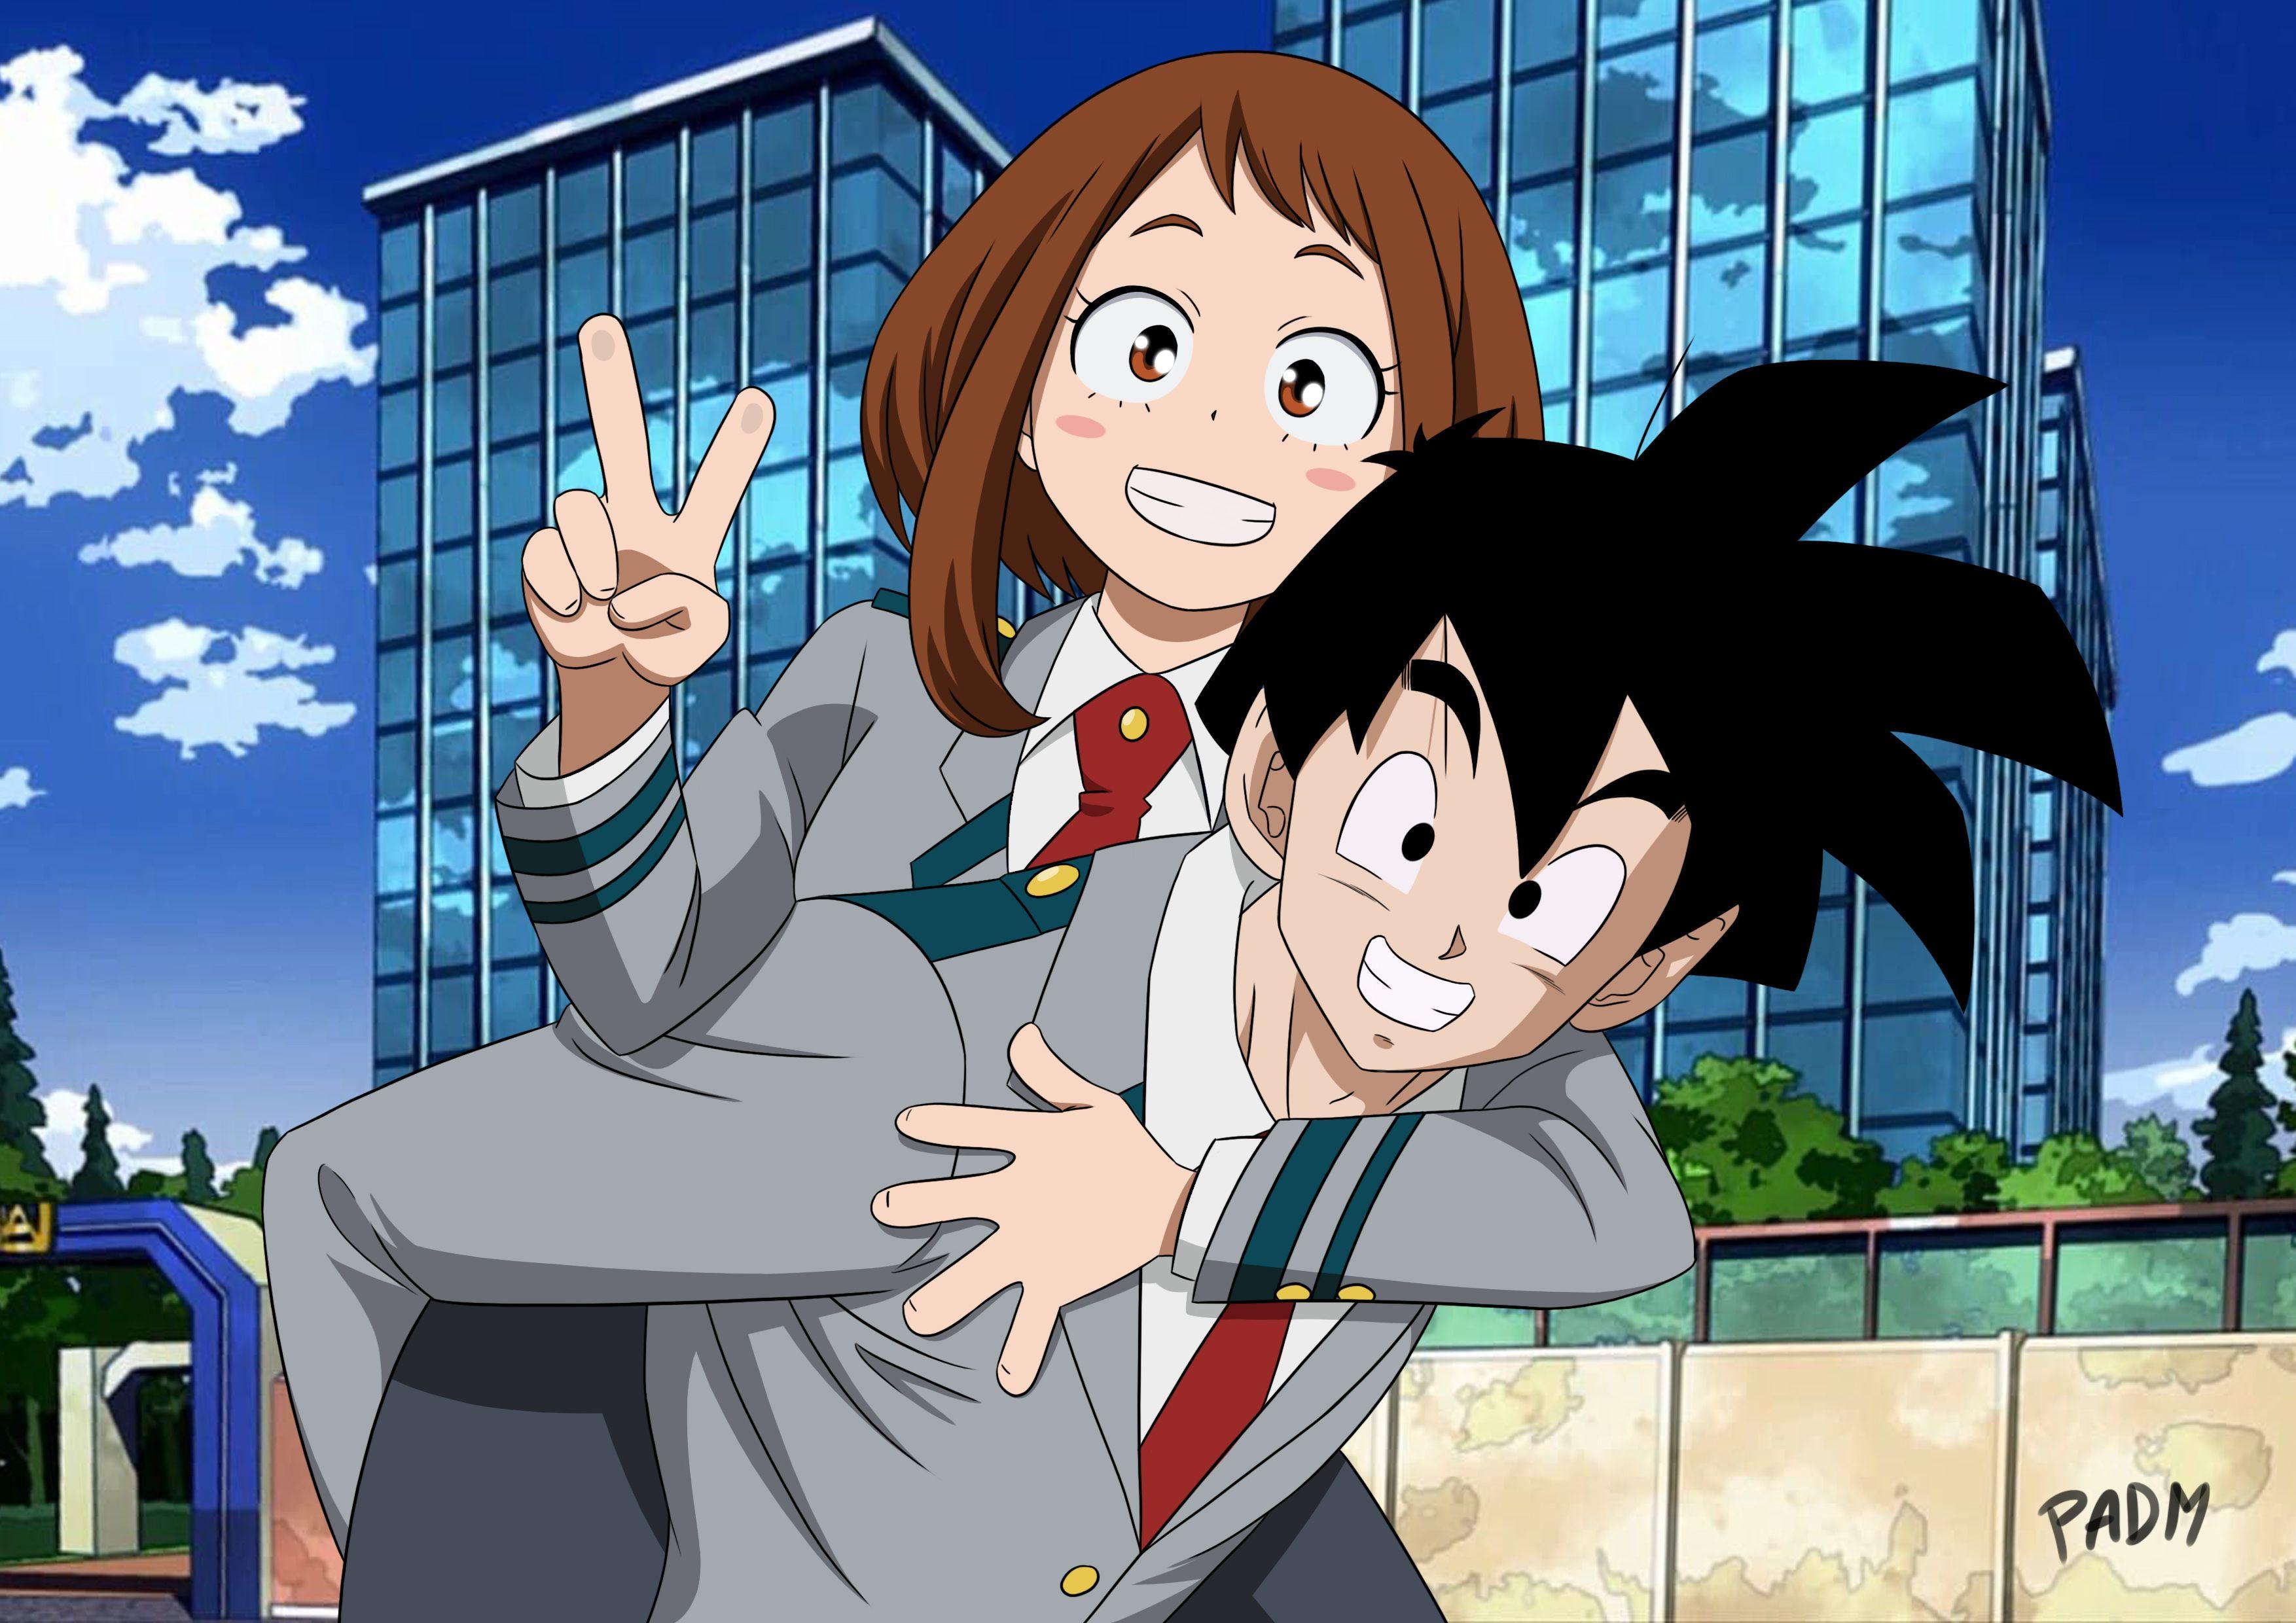 Dbz X Mha Crossover Gohan X Uraraka Anime Crossover Anime Anime Songs